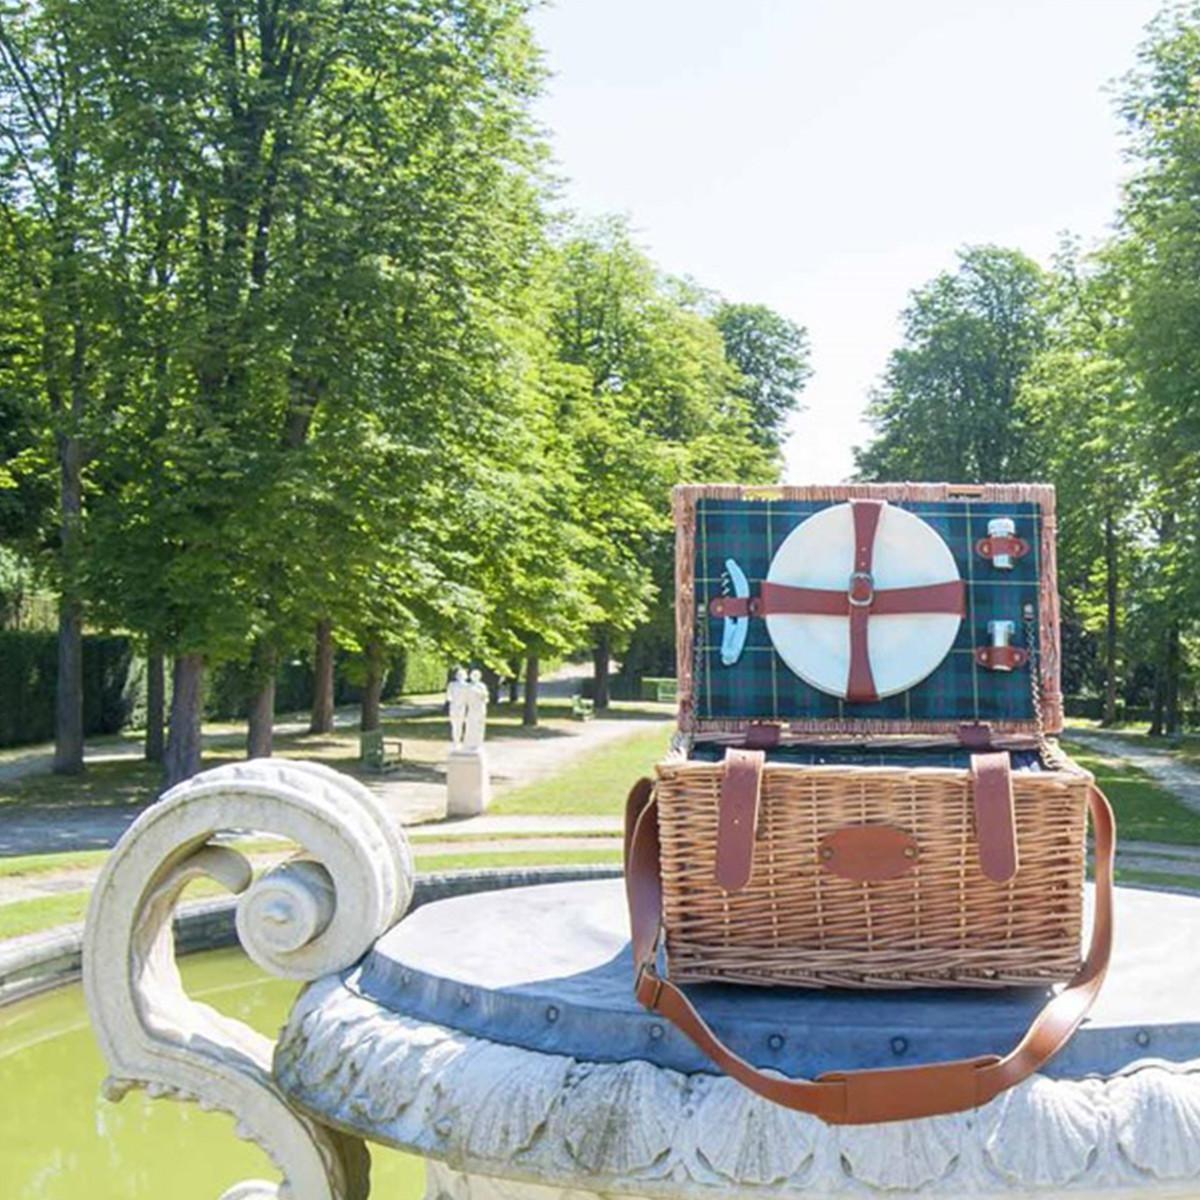 cosuri picnic 4 persoane